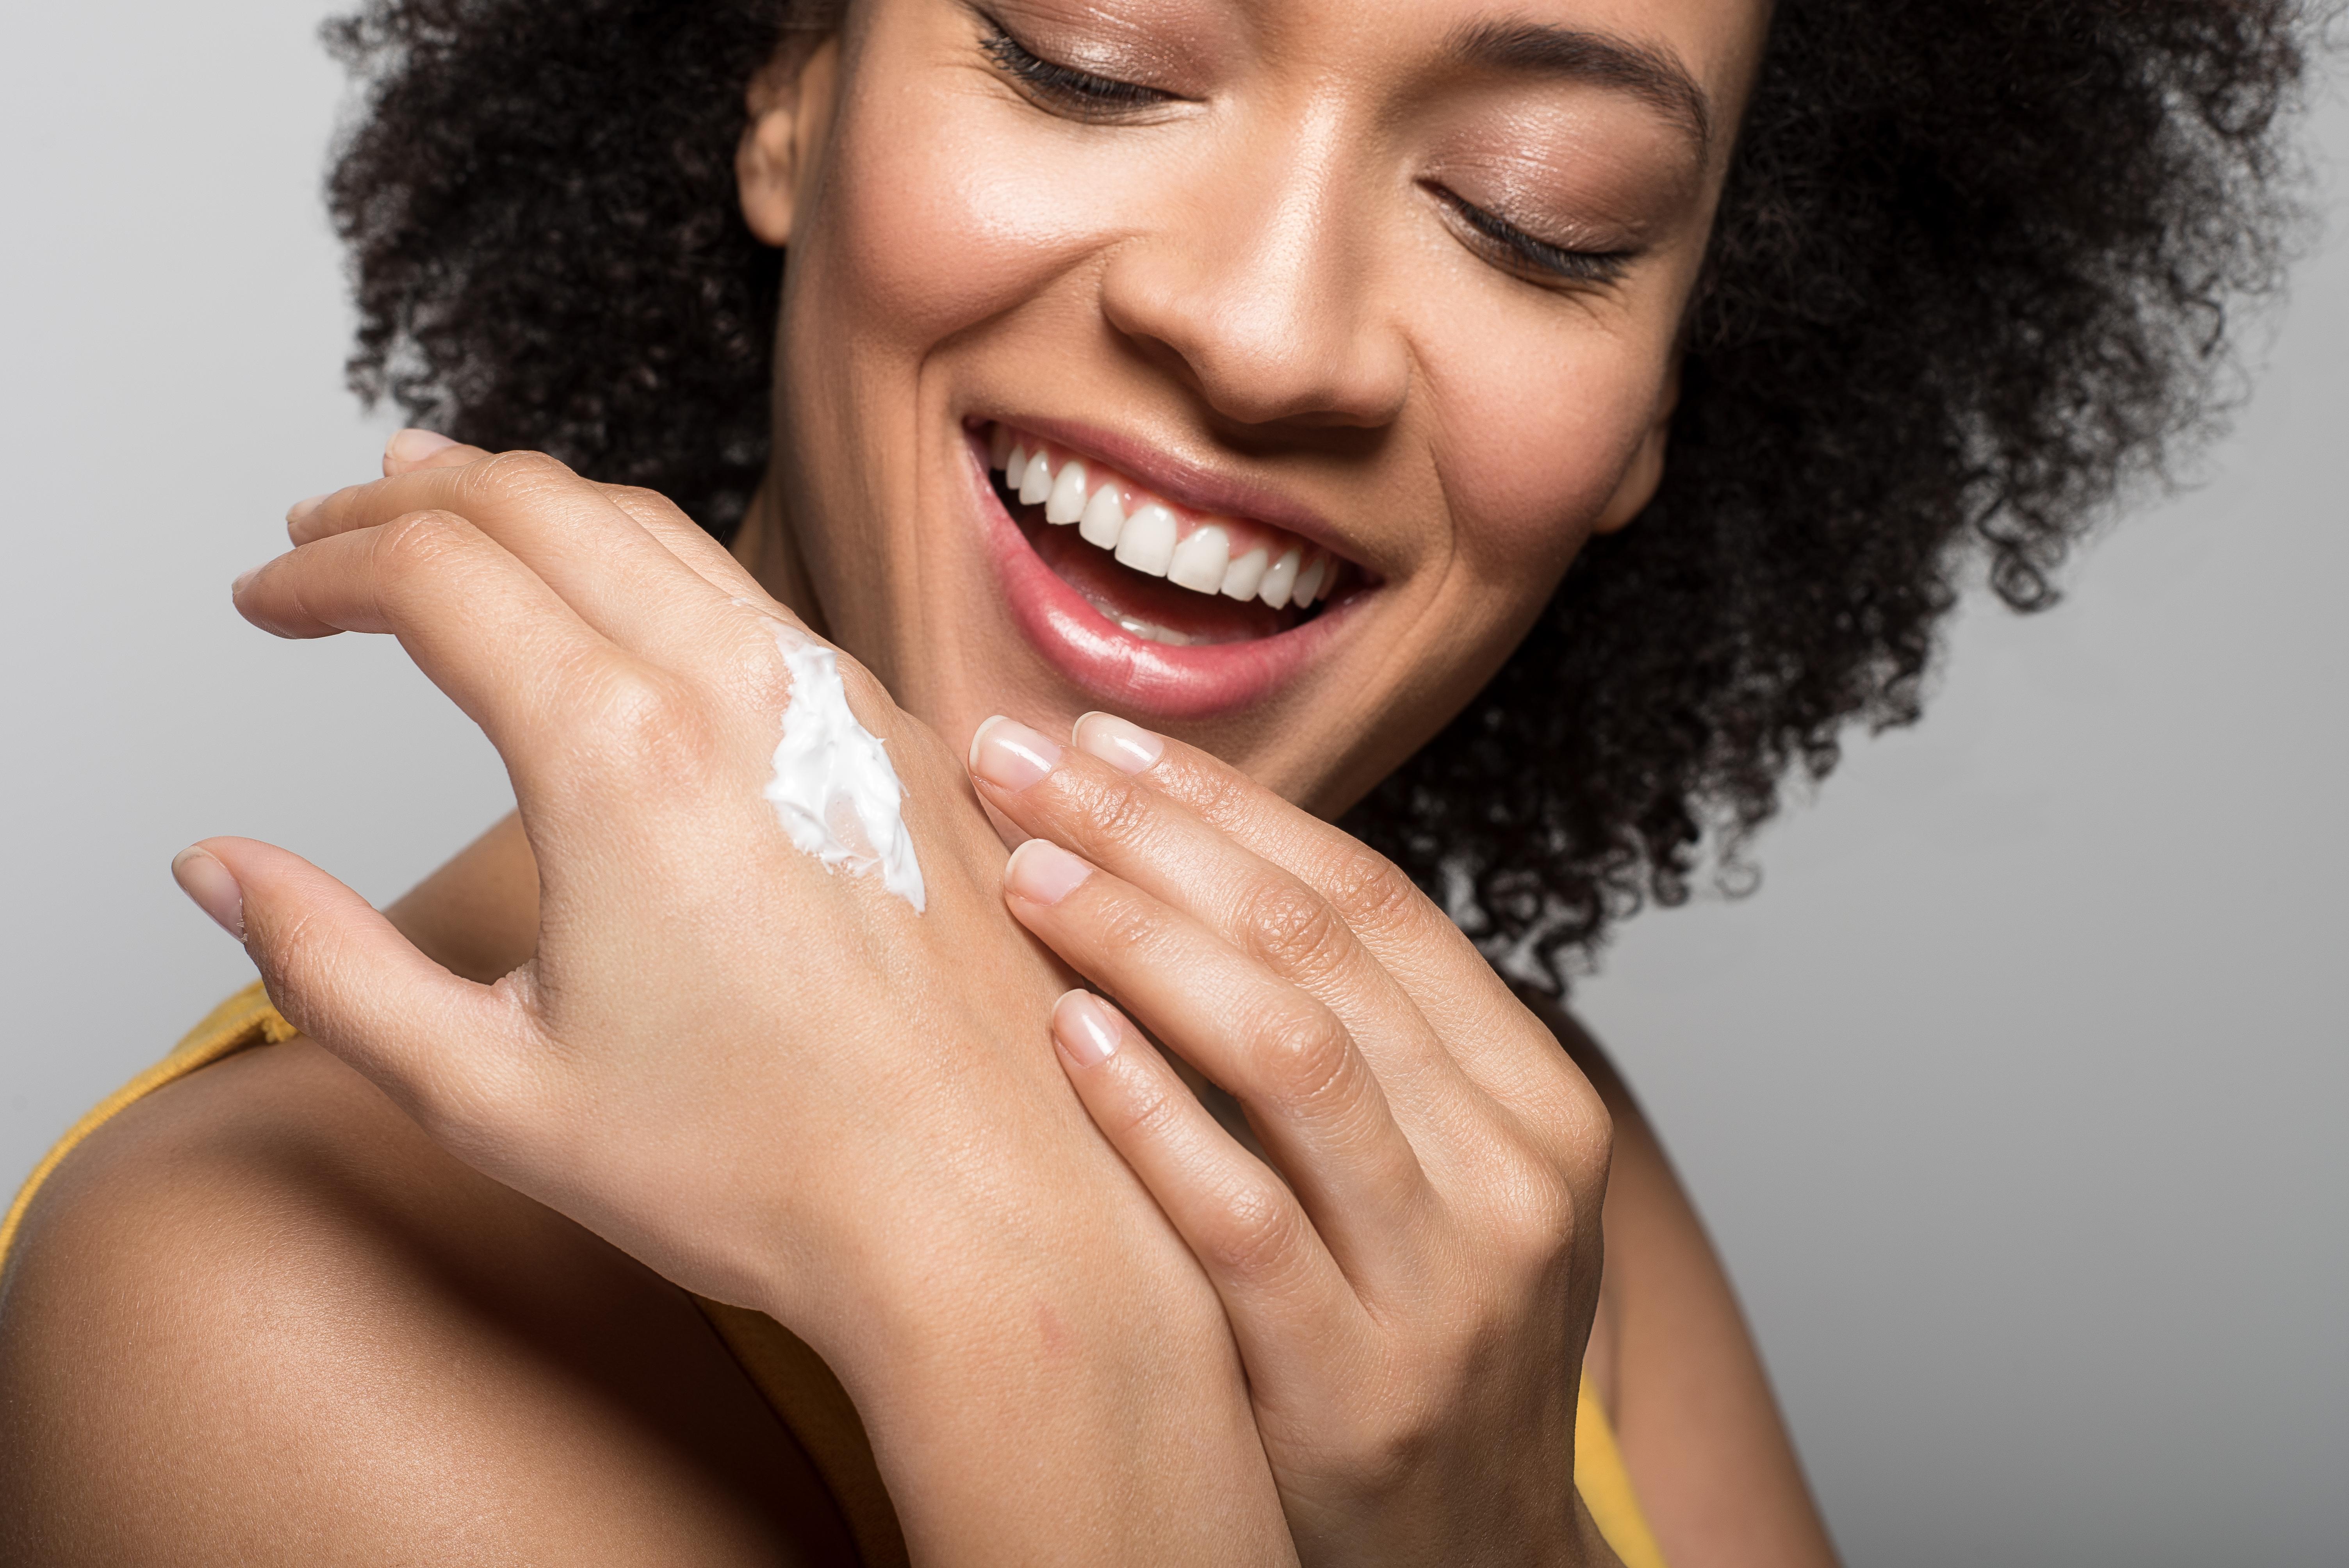 Η Sephora δωρίζει περισσότερα από 70.000 προϊόντα περιποίησης χεριών!